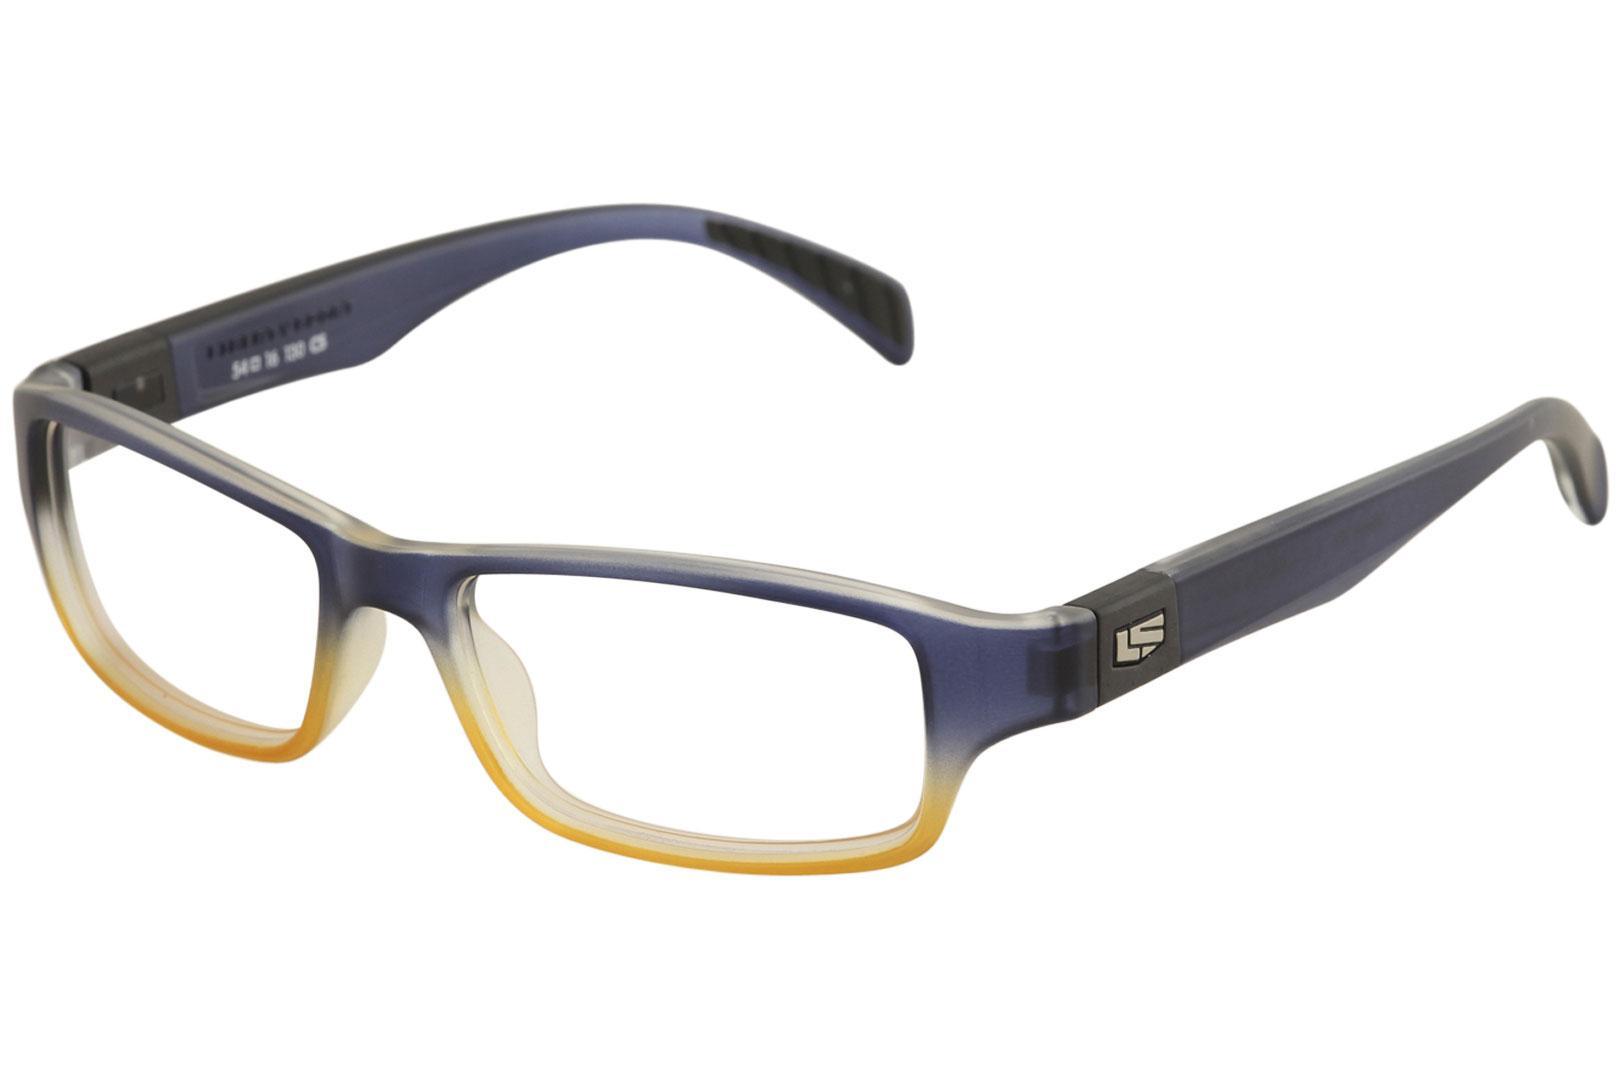 Image of Liberty Sport Men's Eyeglasses X8 200 Full Rim Optical Frame - Blue/Blond   661 - Lens 54 Bridge 16 Temple 130mm